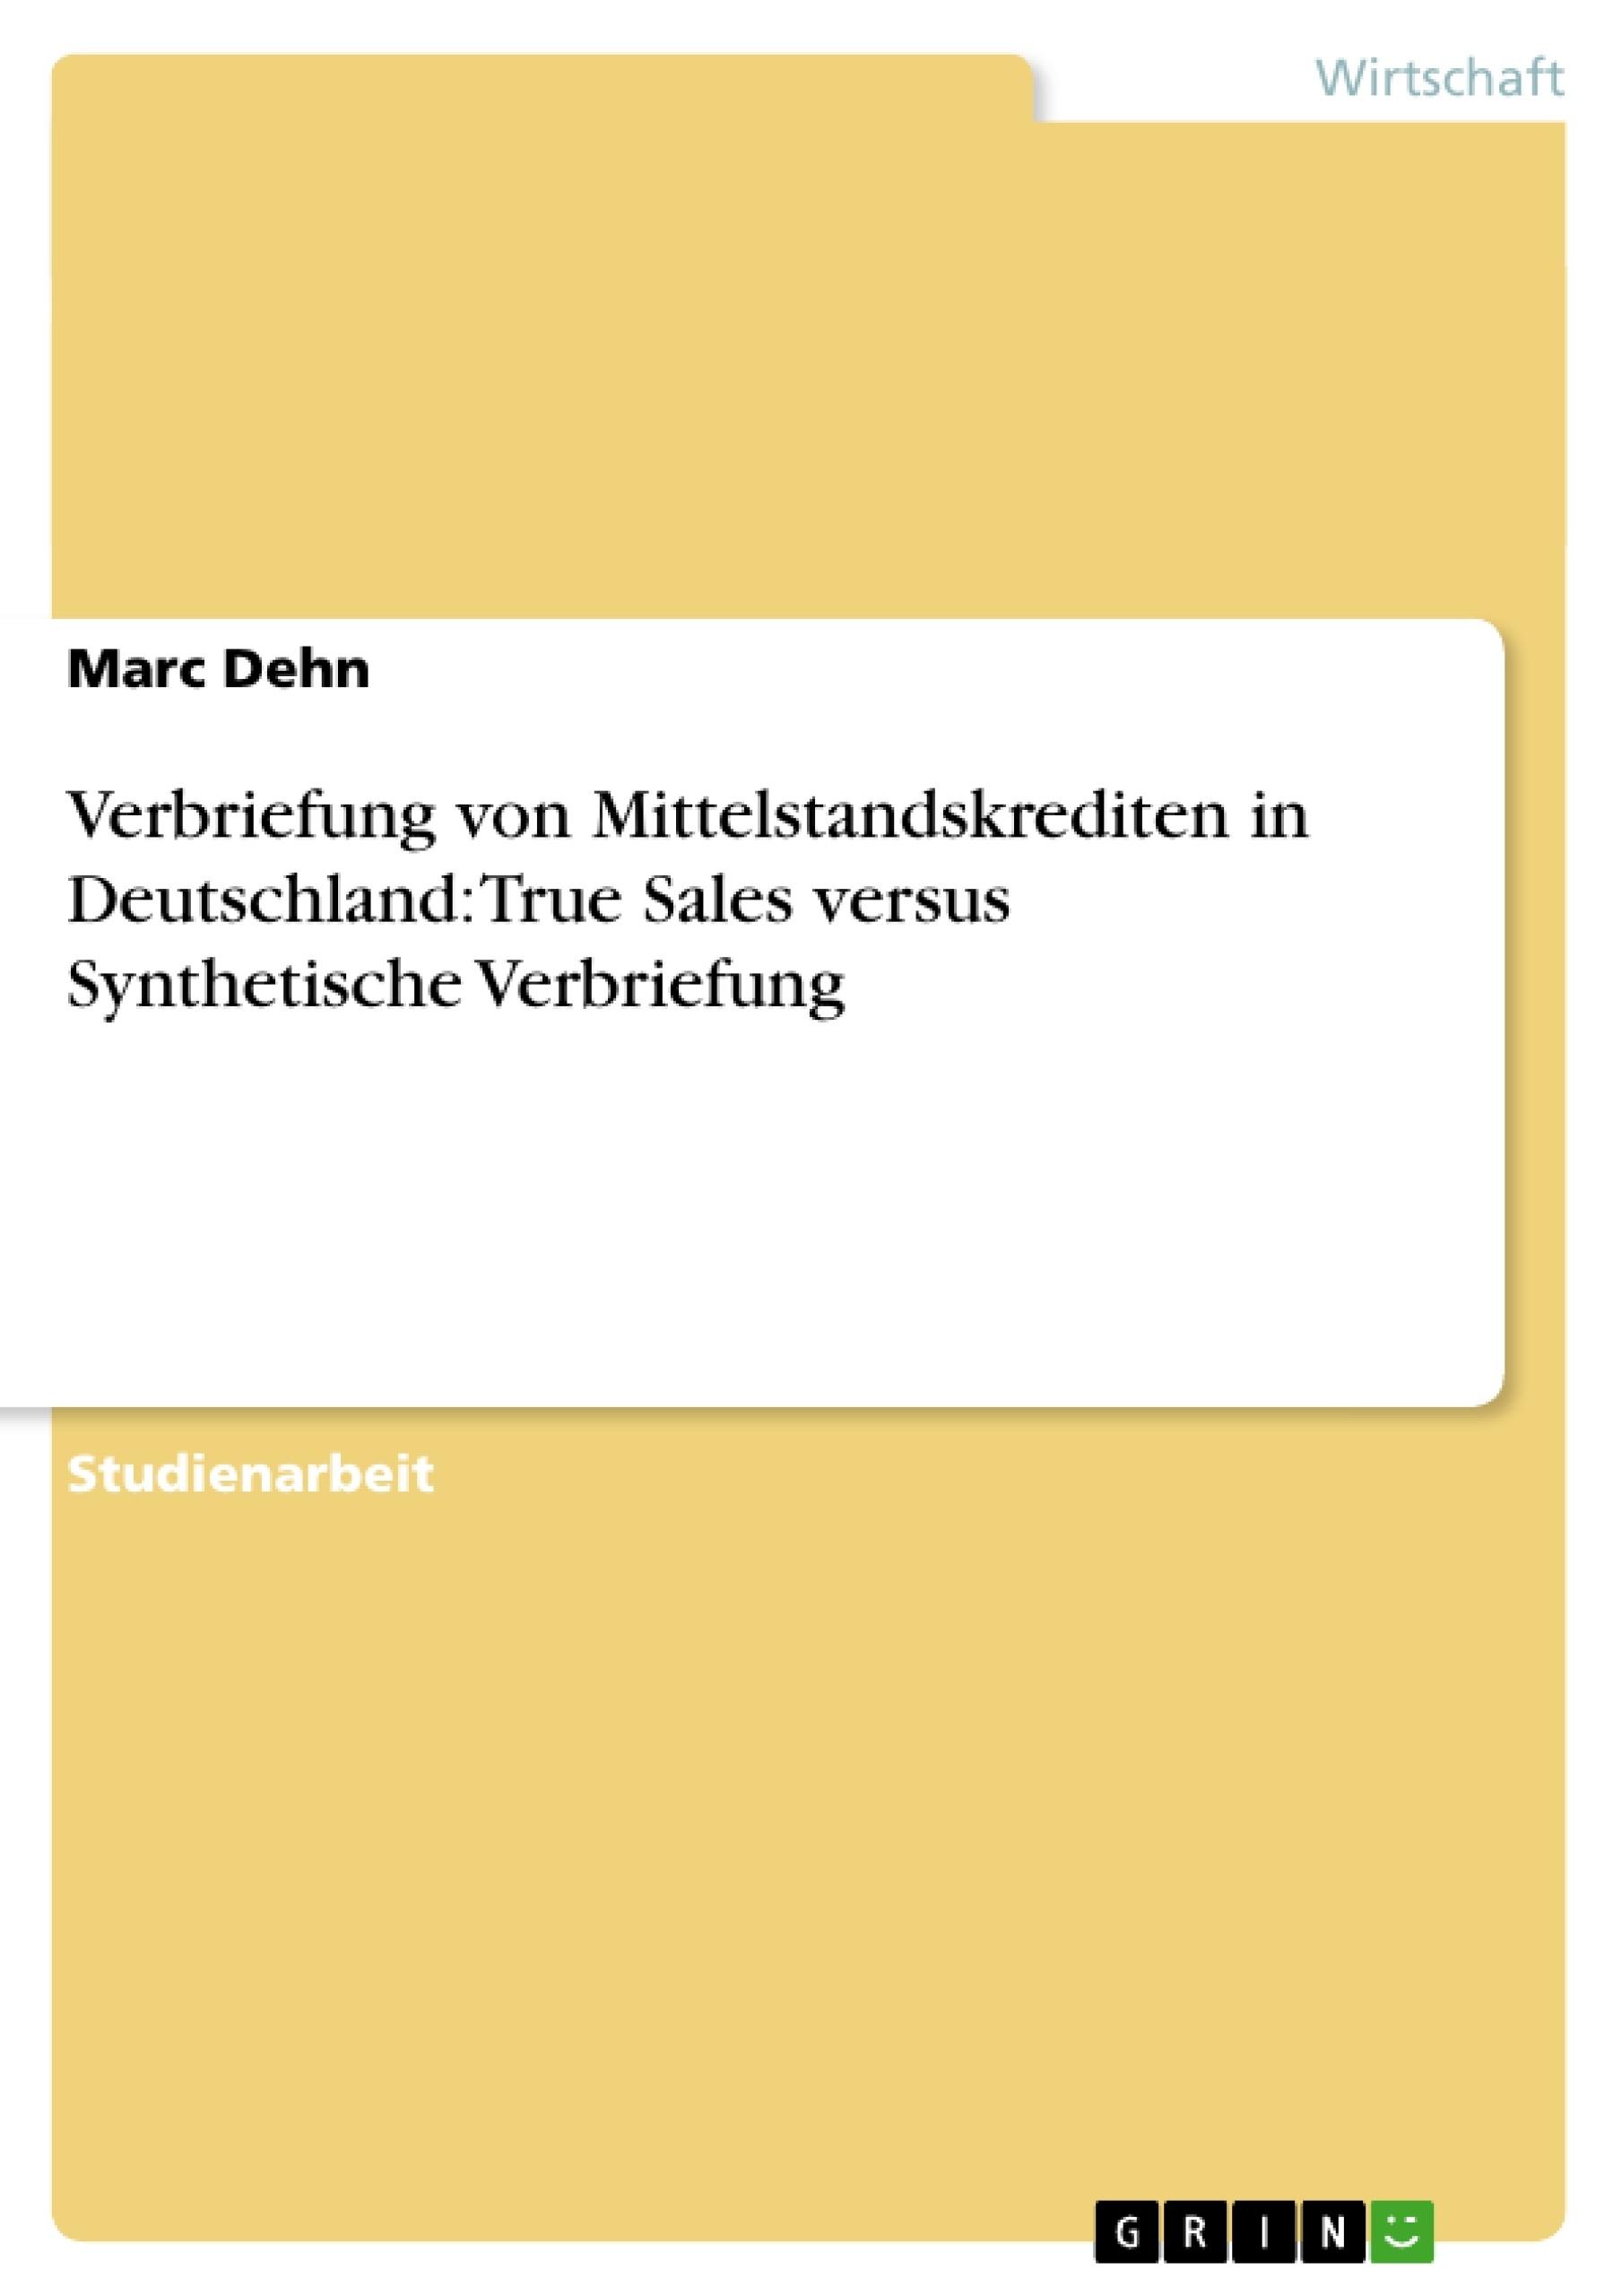 Titel: Verbriefung von Mittelstandskrediten in Deutschland: True Sales versus Synthetische Verbriefung